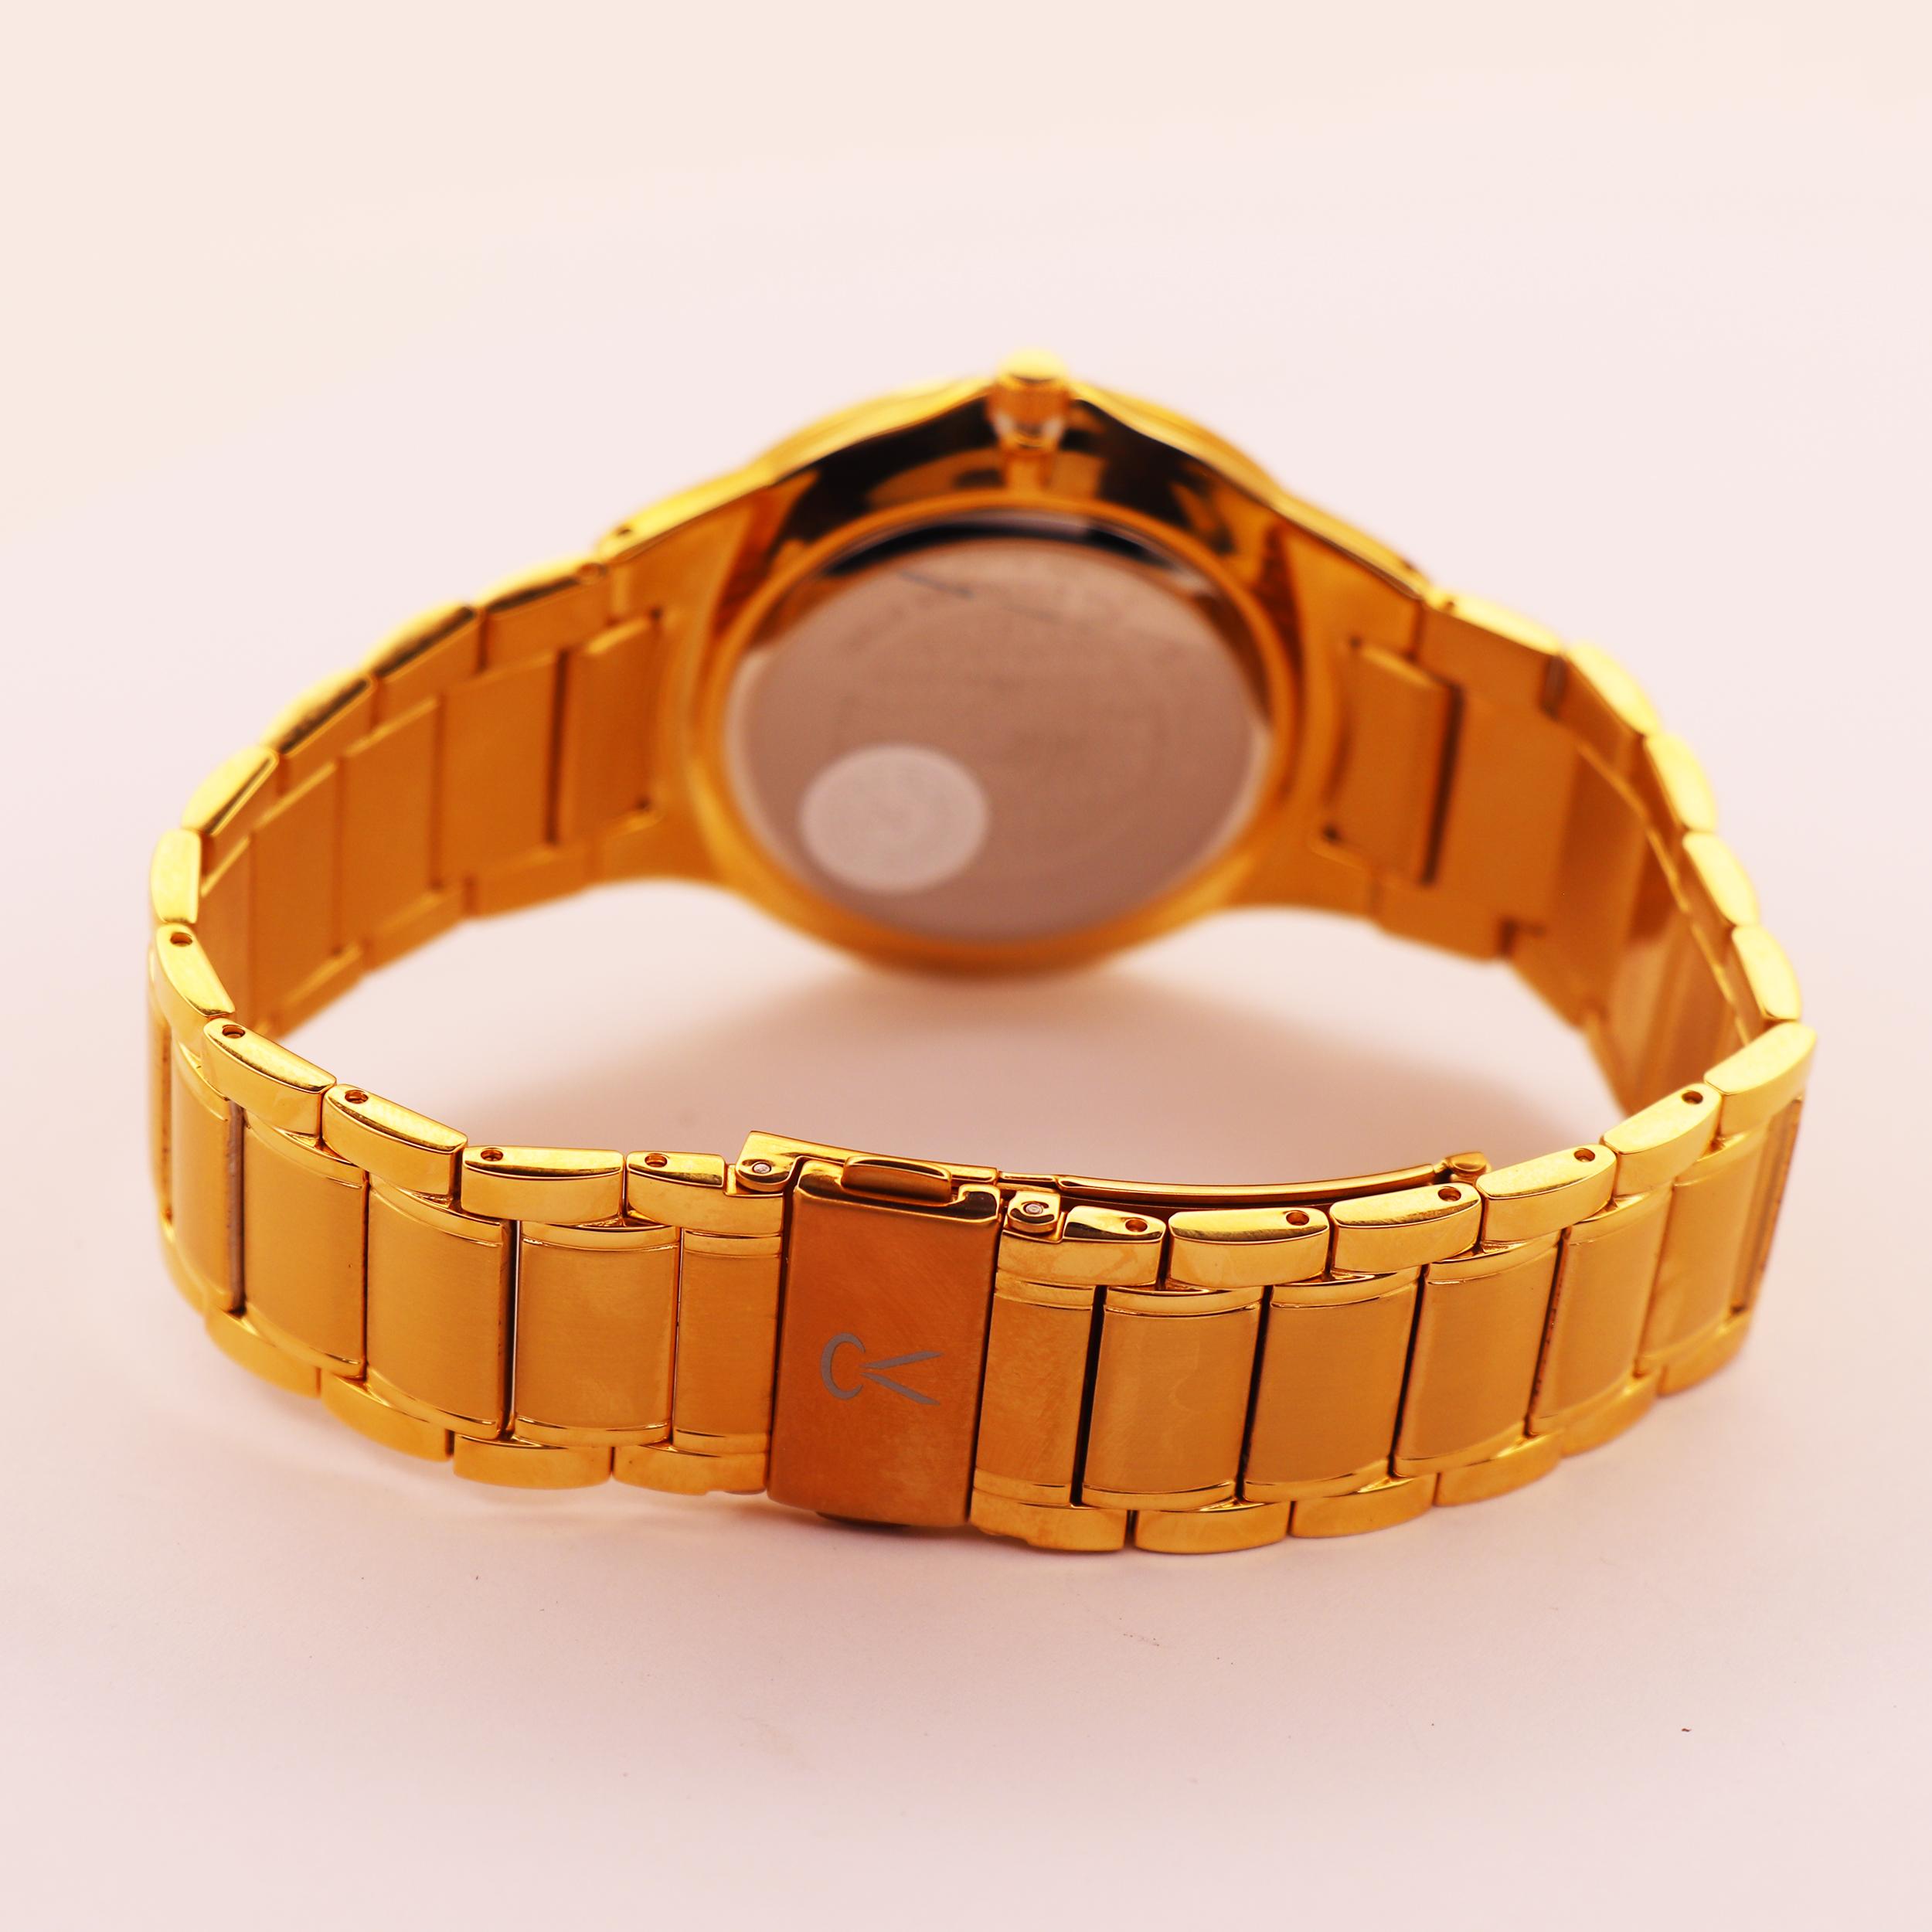 ساعت مچی عقربهای مردانه رومانسون مدل 6217